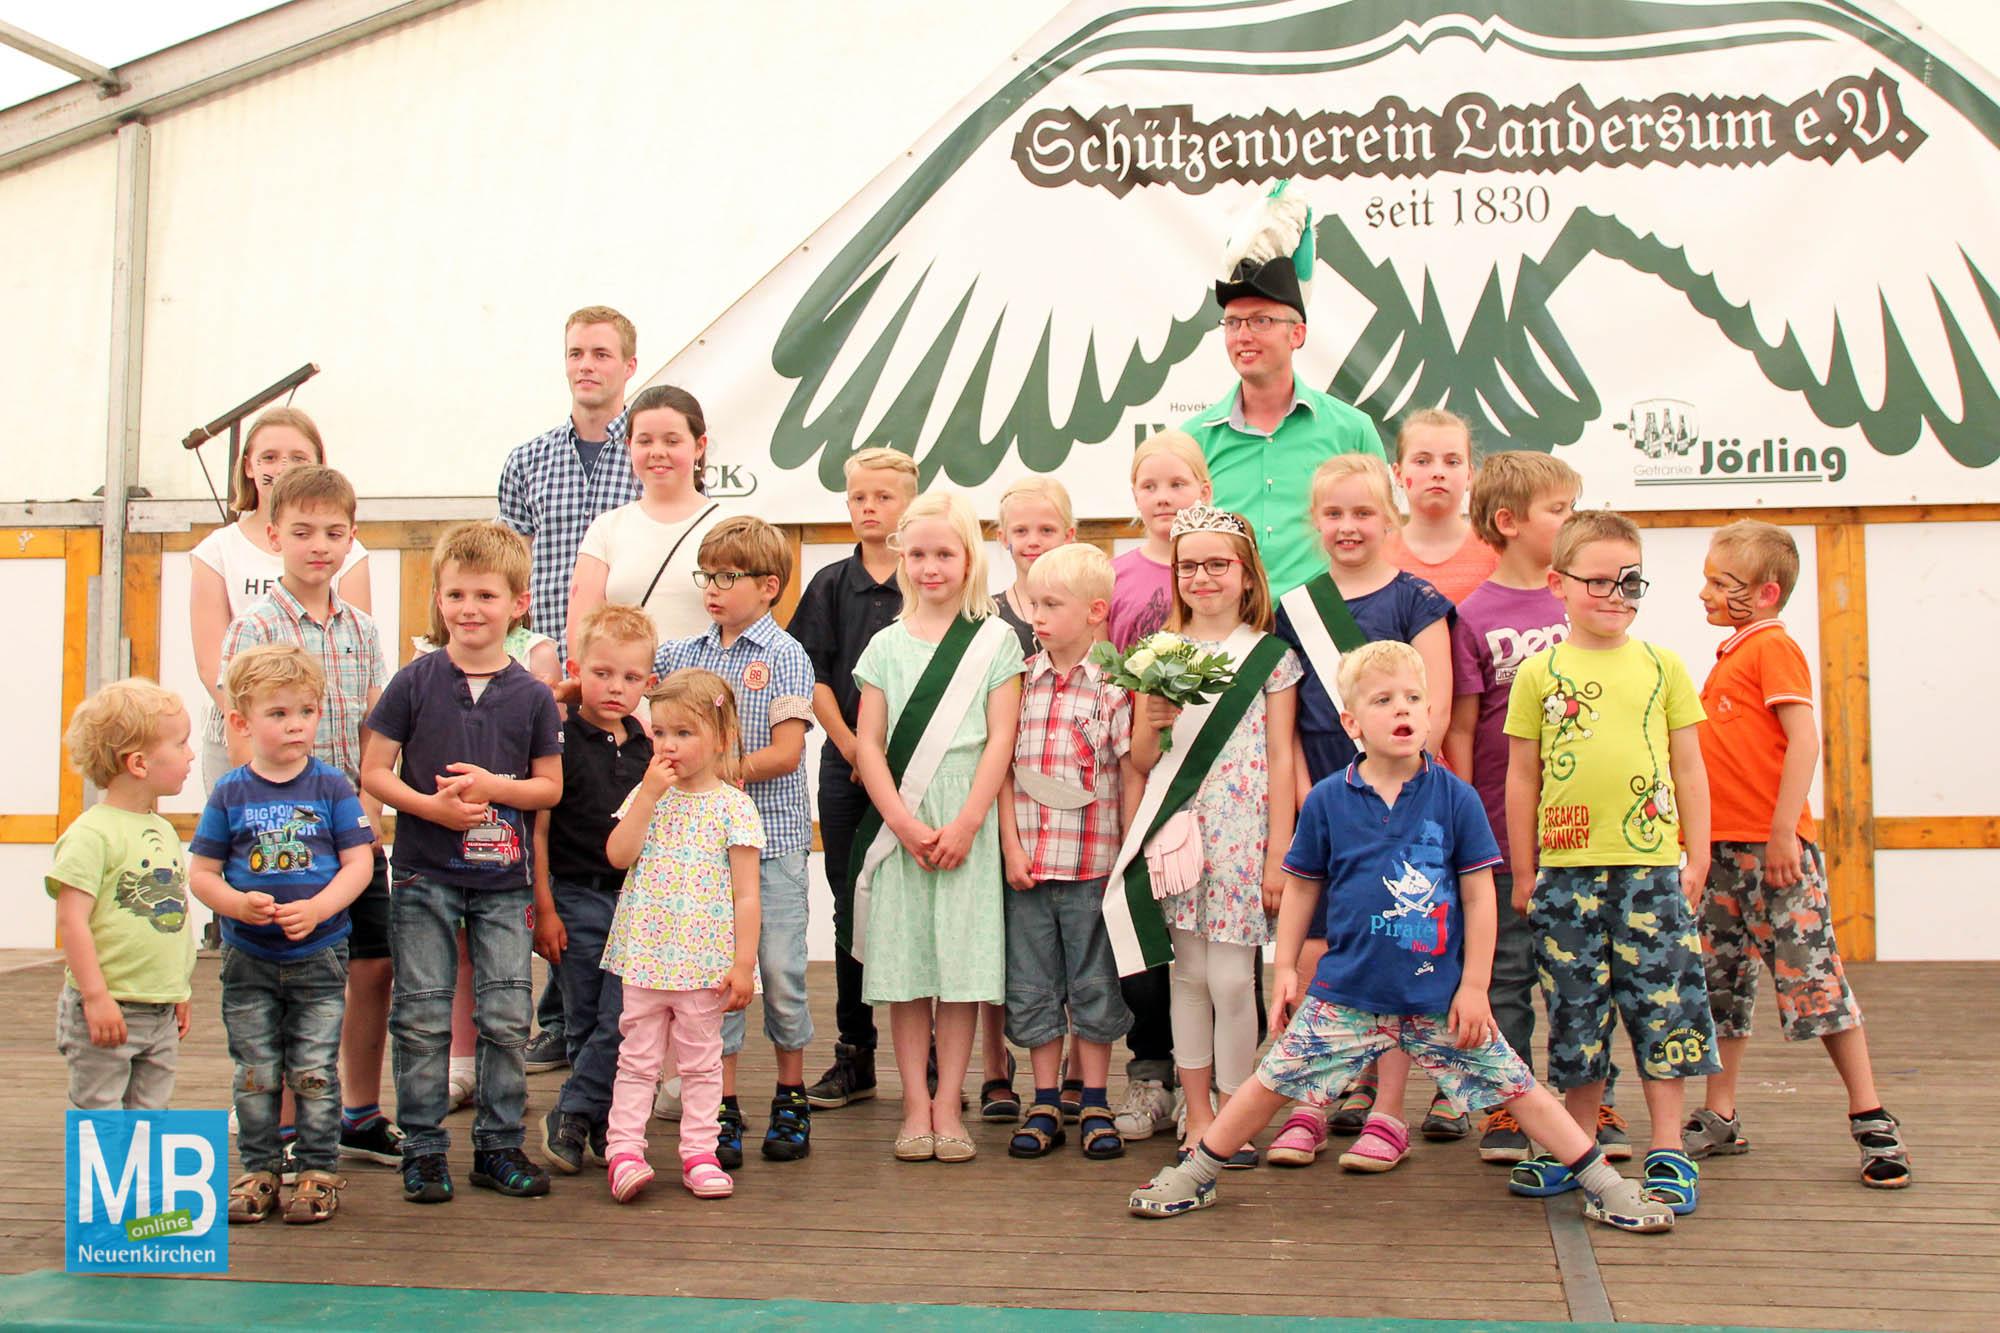 Schützenfest Landersum 2017